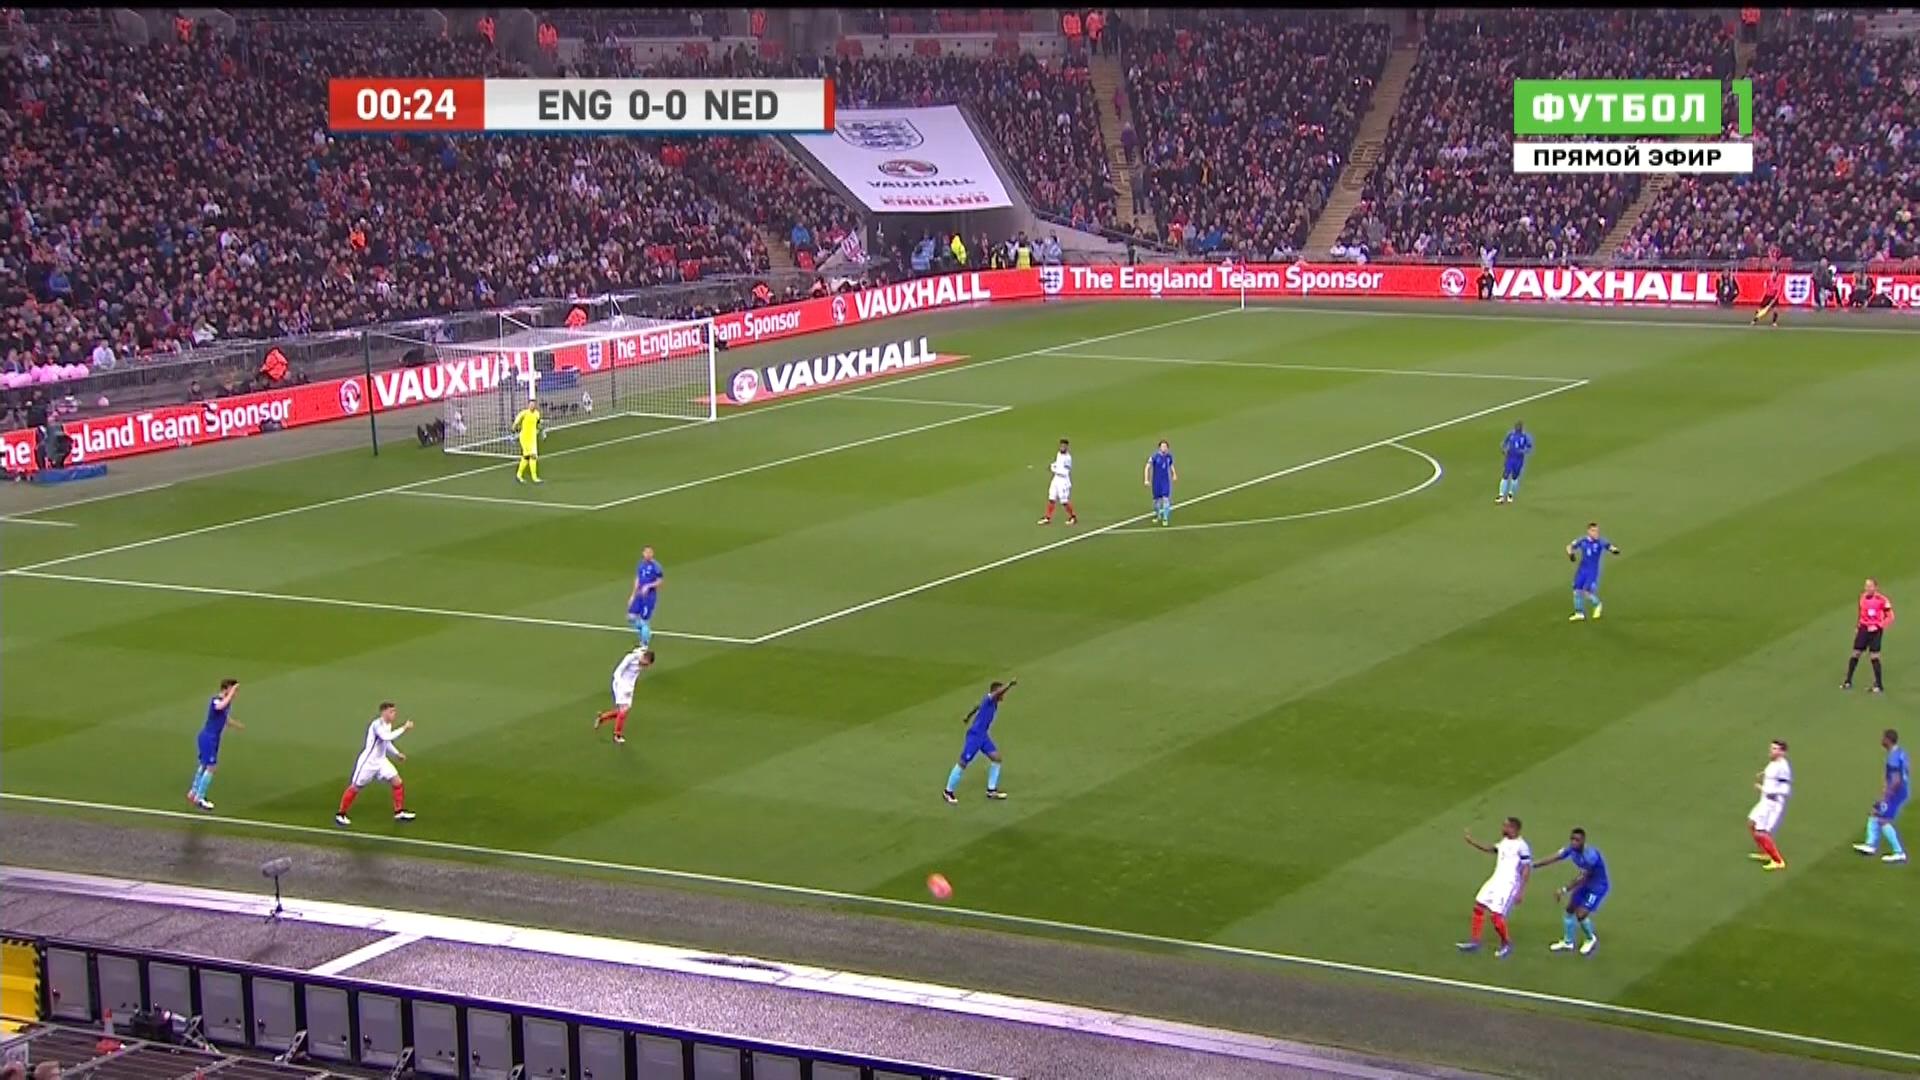 Футбол видео онлайн в интернете